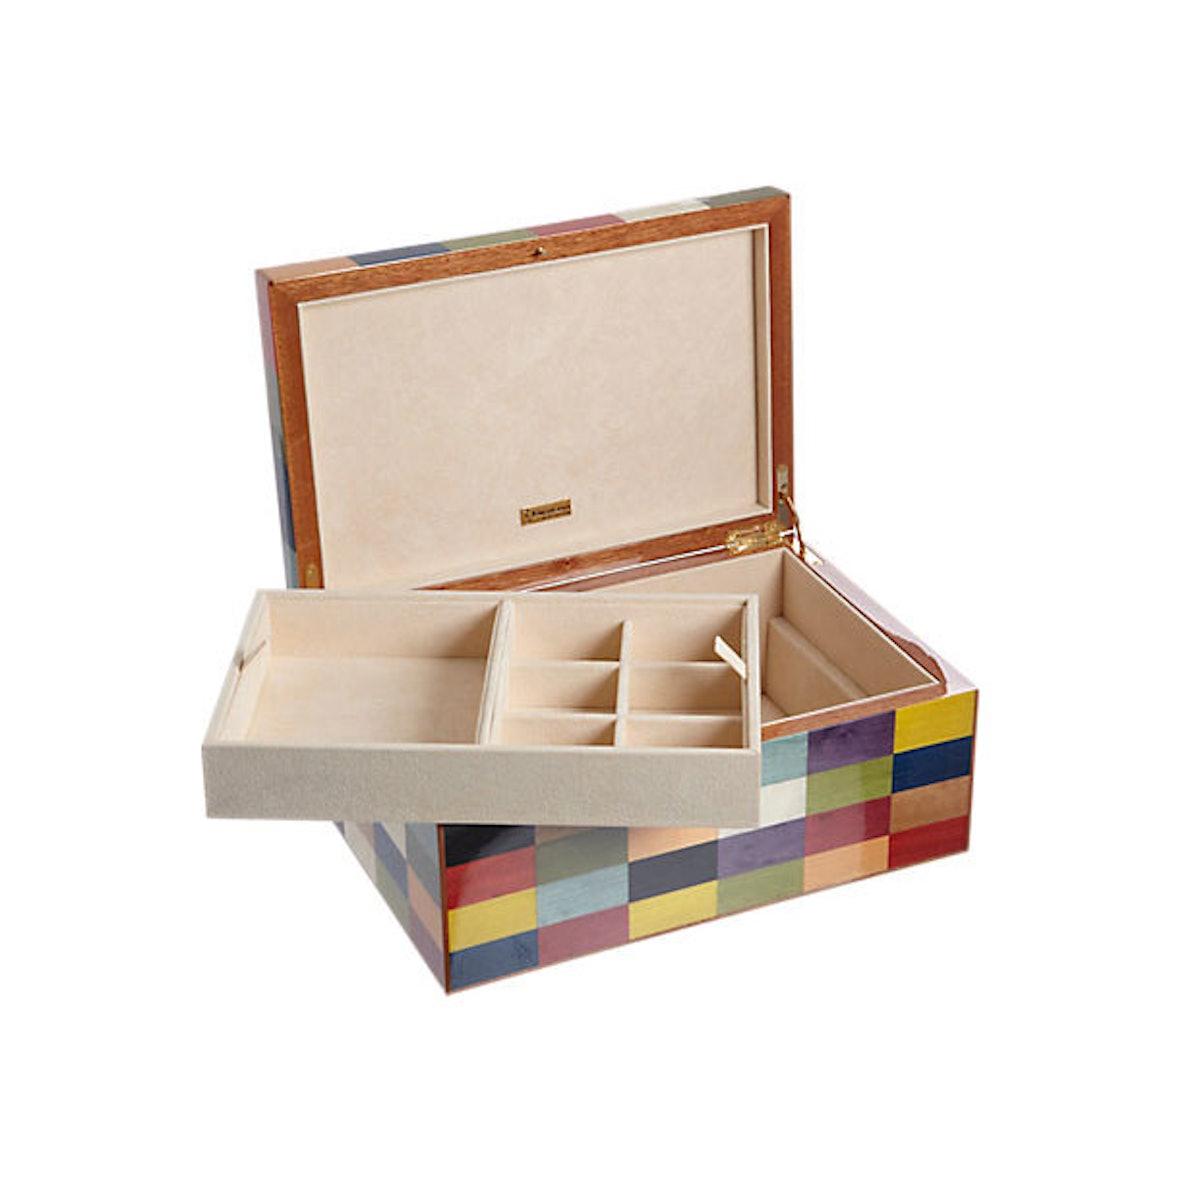 Ercolano jewelry box